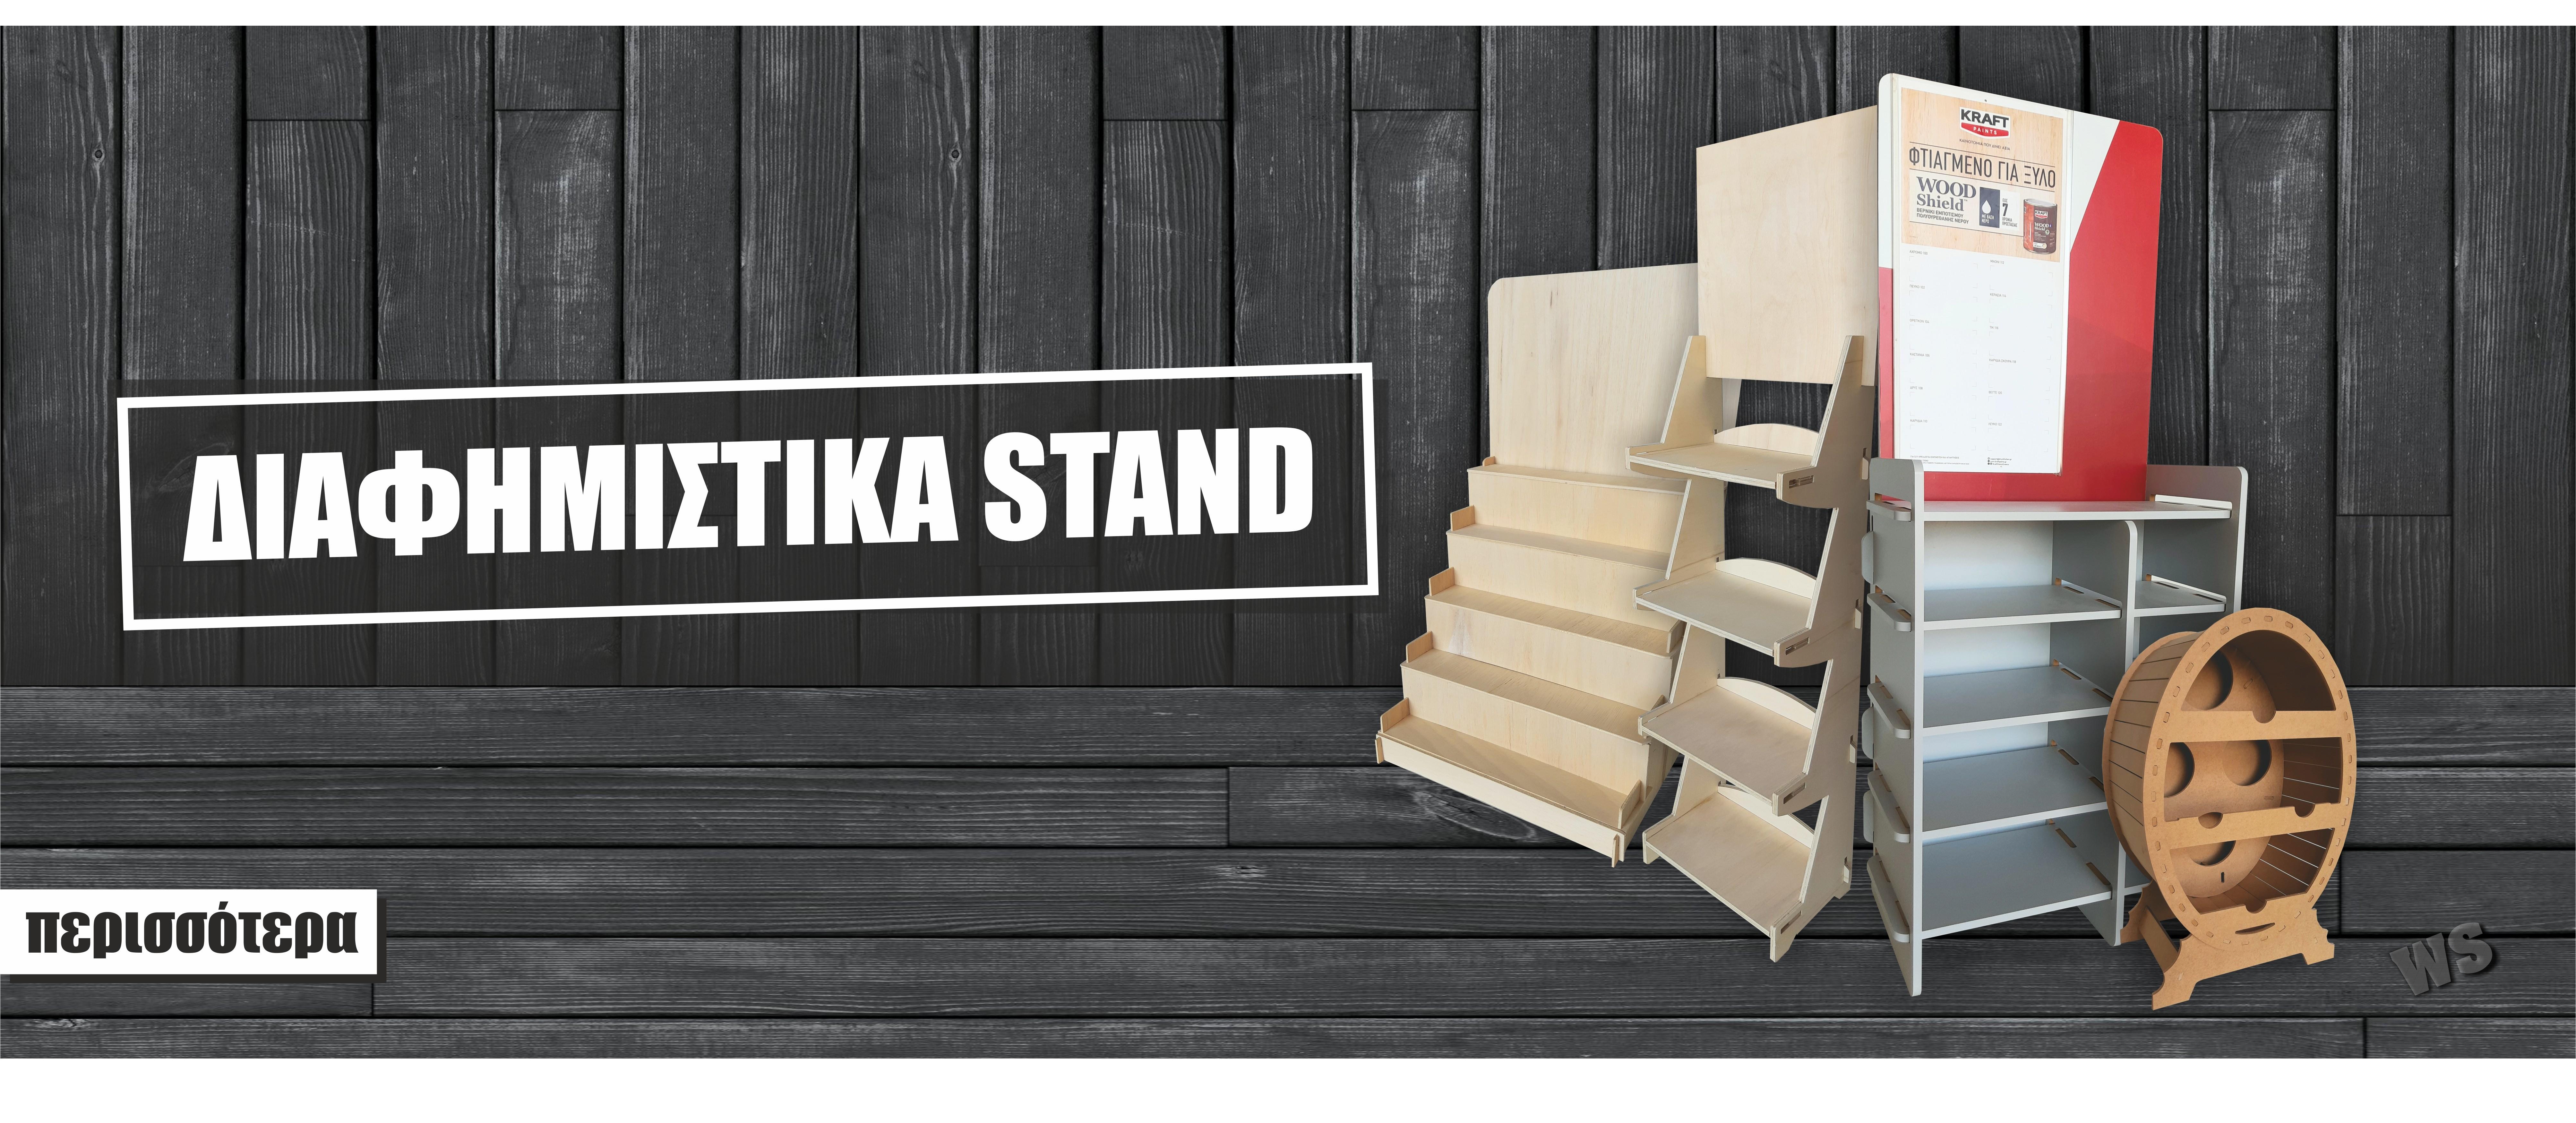 diafhmistika_stand